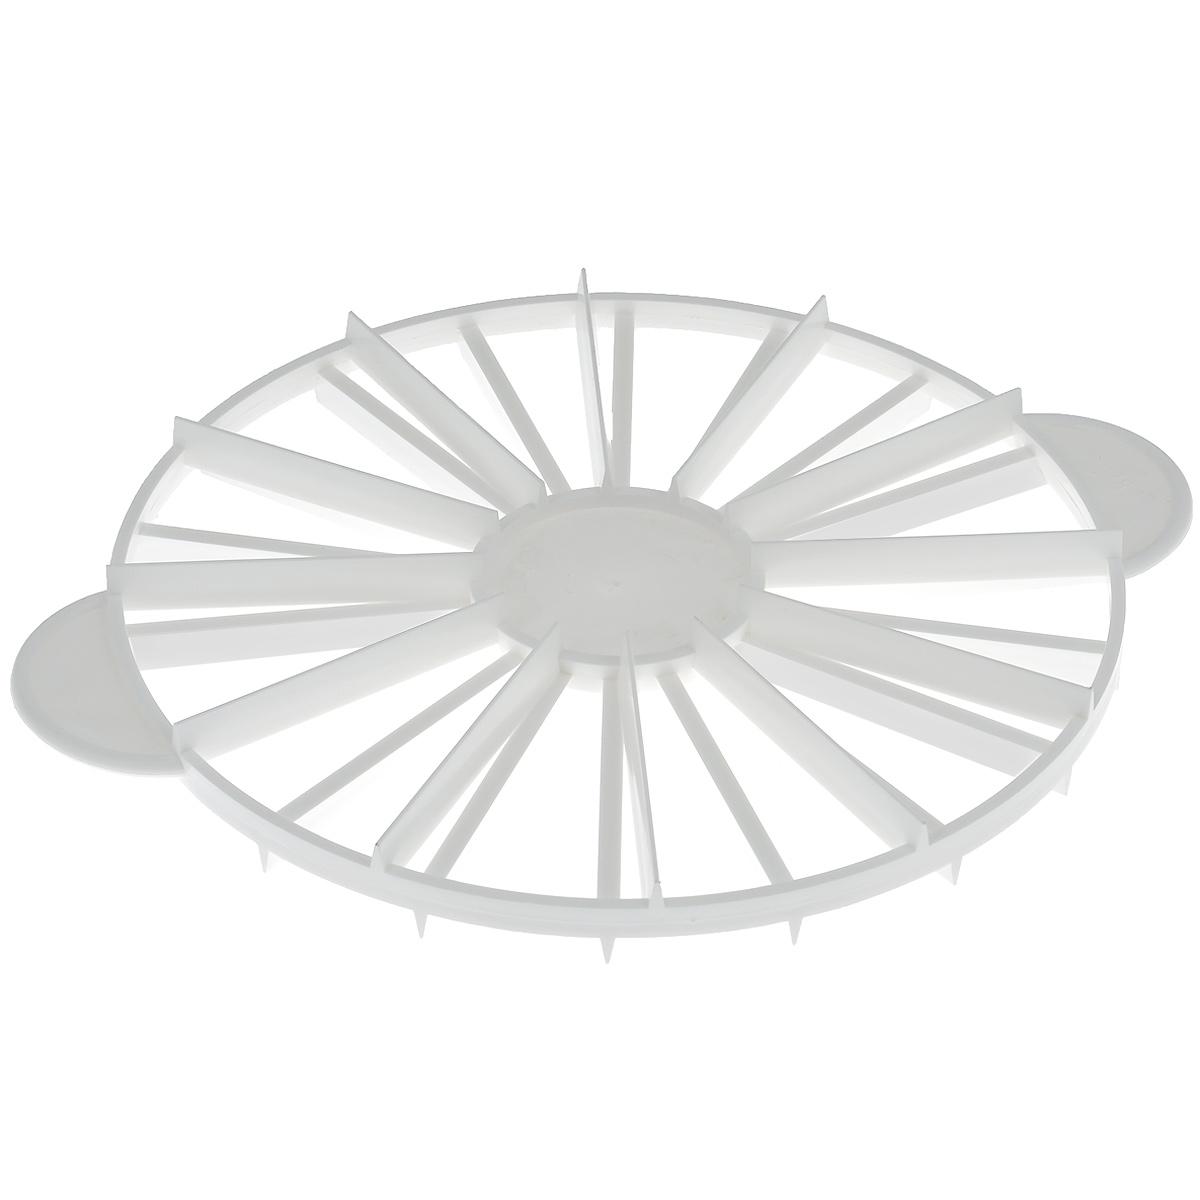 Декоратор кулинарный Dr.Oetker, с порционной разметкой, диаметр 26,5 см1641Декоратор кулинарный Dr.Oetker выполнен из пищевого пластика и предназначен для украшения кулинарных изделий. Декоратор позволяет делать разметку для нарезания торта на 12 и 18 кусков. Декоратор Dr.Oetker станет незаменимым атрибутом на кухне каждой хозяйки.Можно мыть в посудомоечной машине.